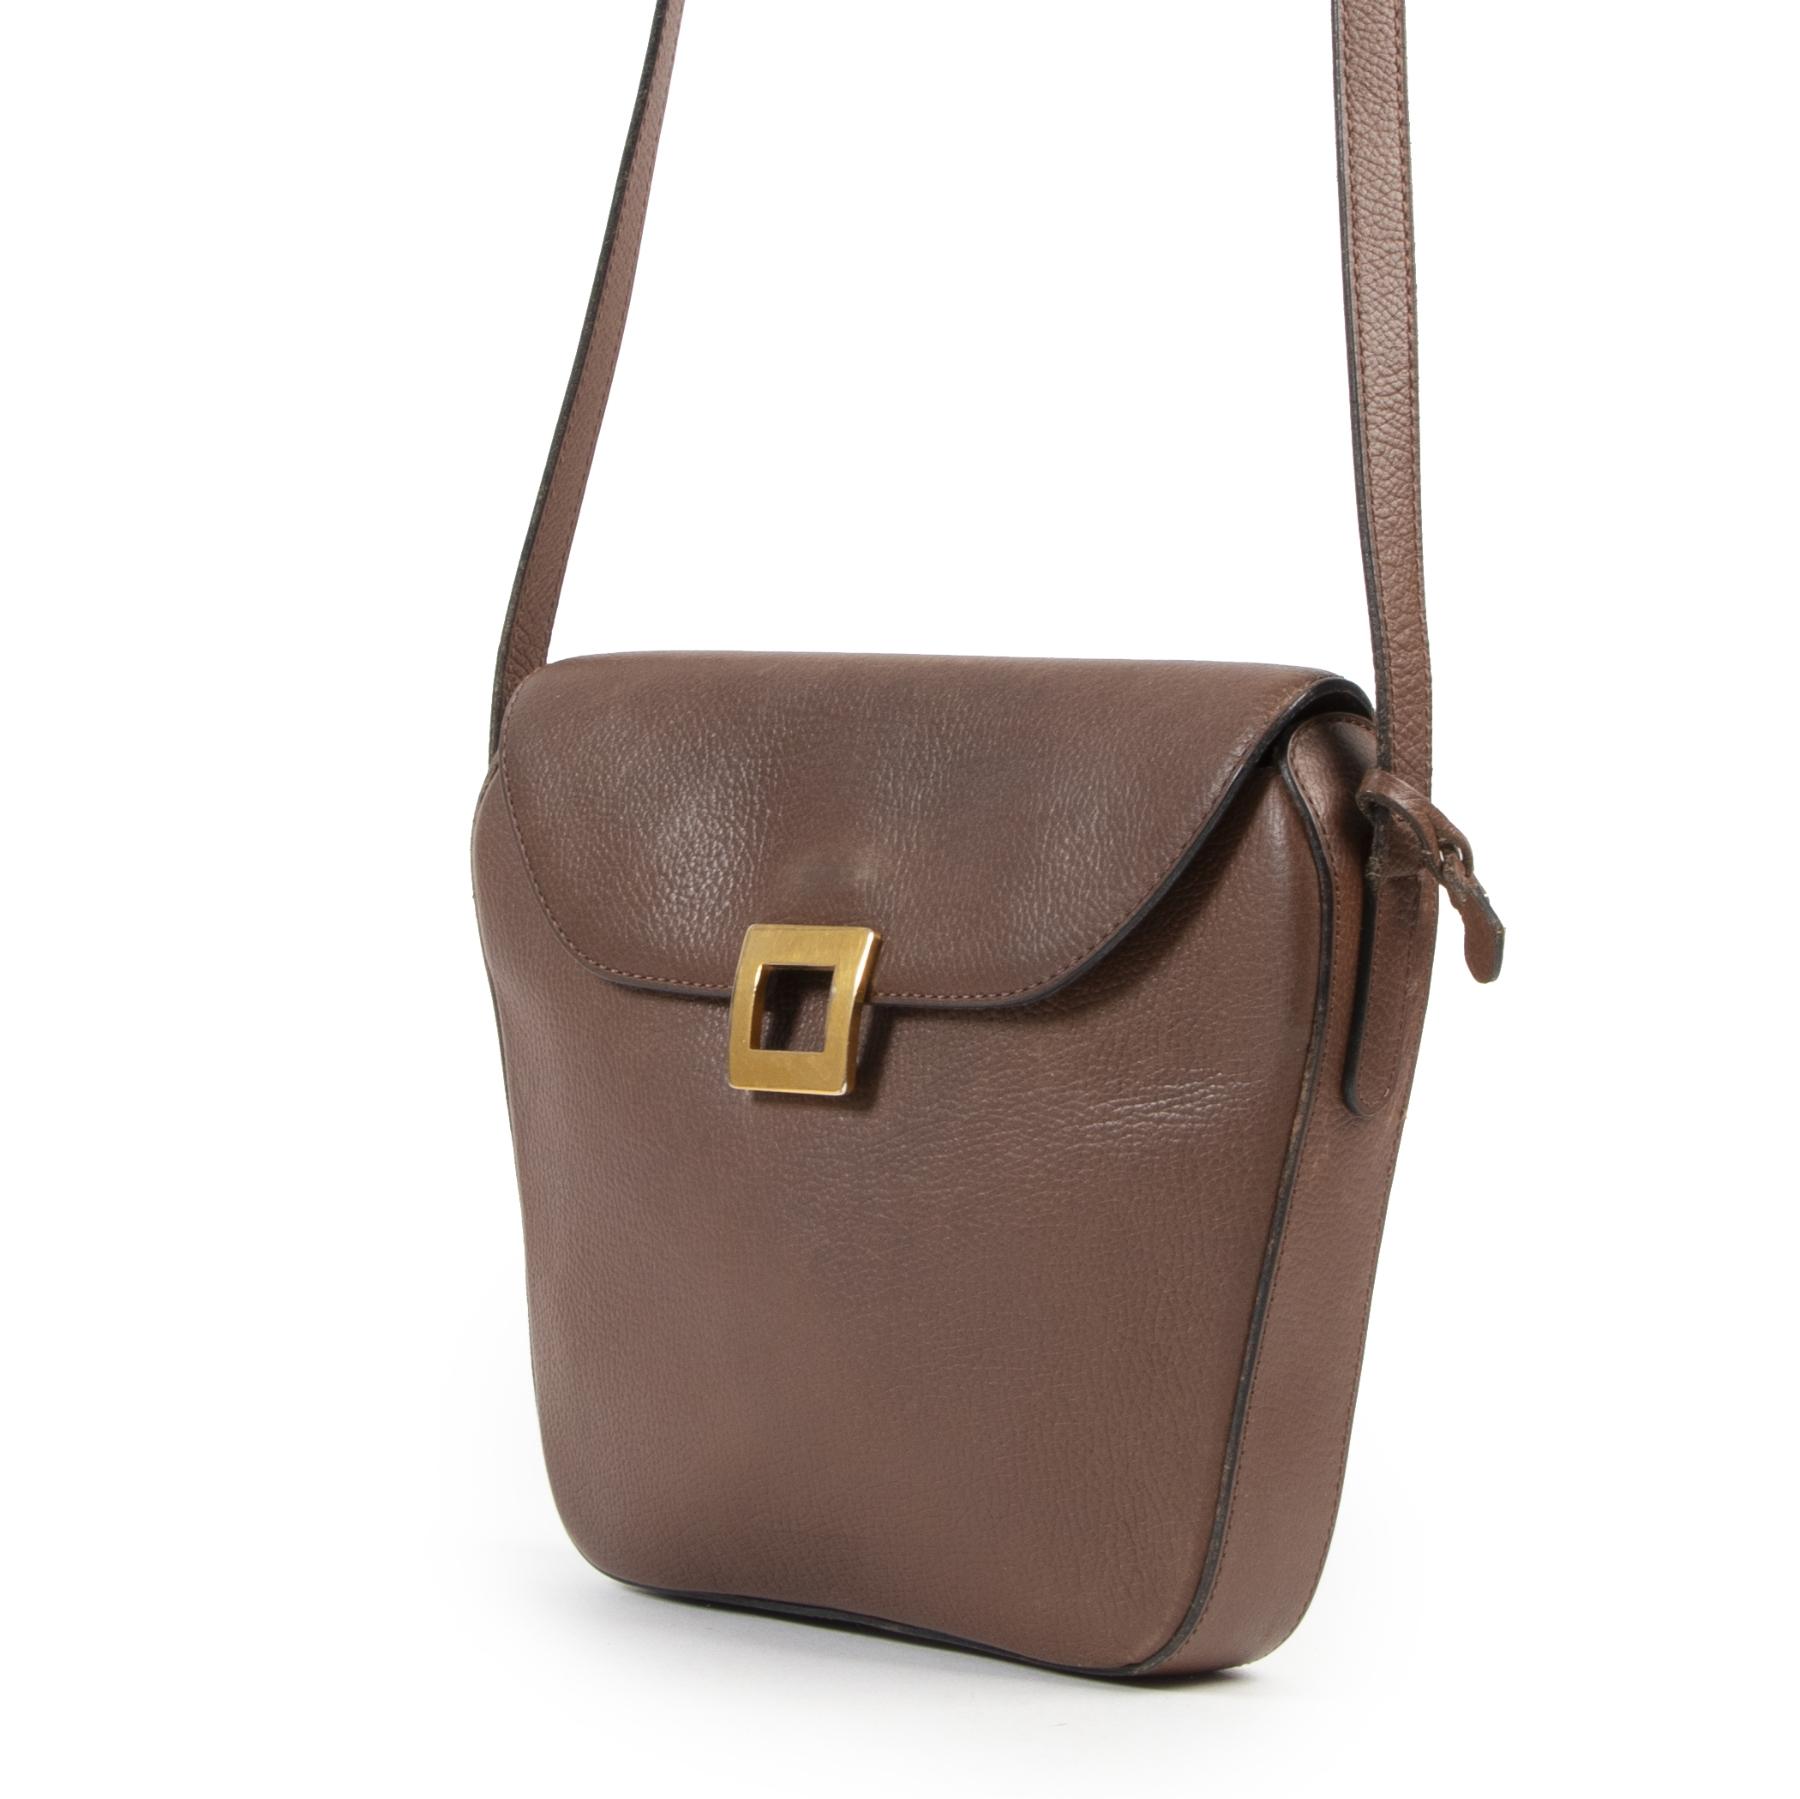 Authentieke Tweedehands Delvaux Brown Square Crossbody Bag juiste prijs veilig online shoppen luxe merken webshop winkelen Antwerpen België mode fashion